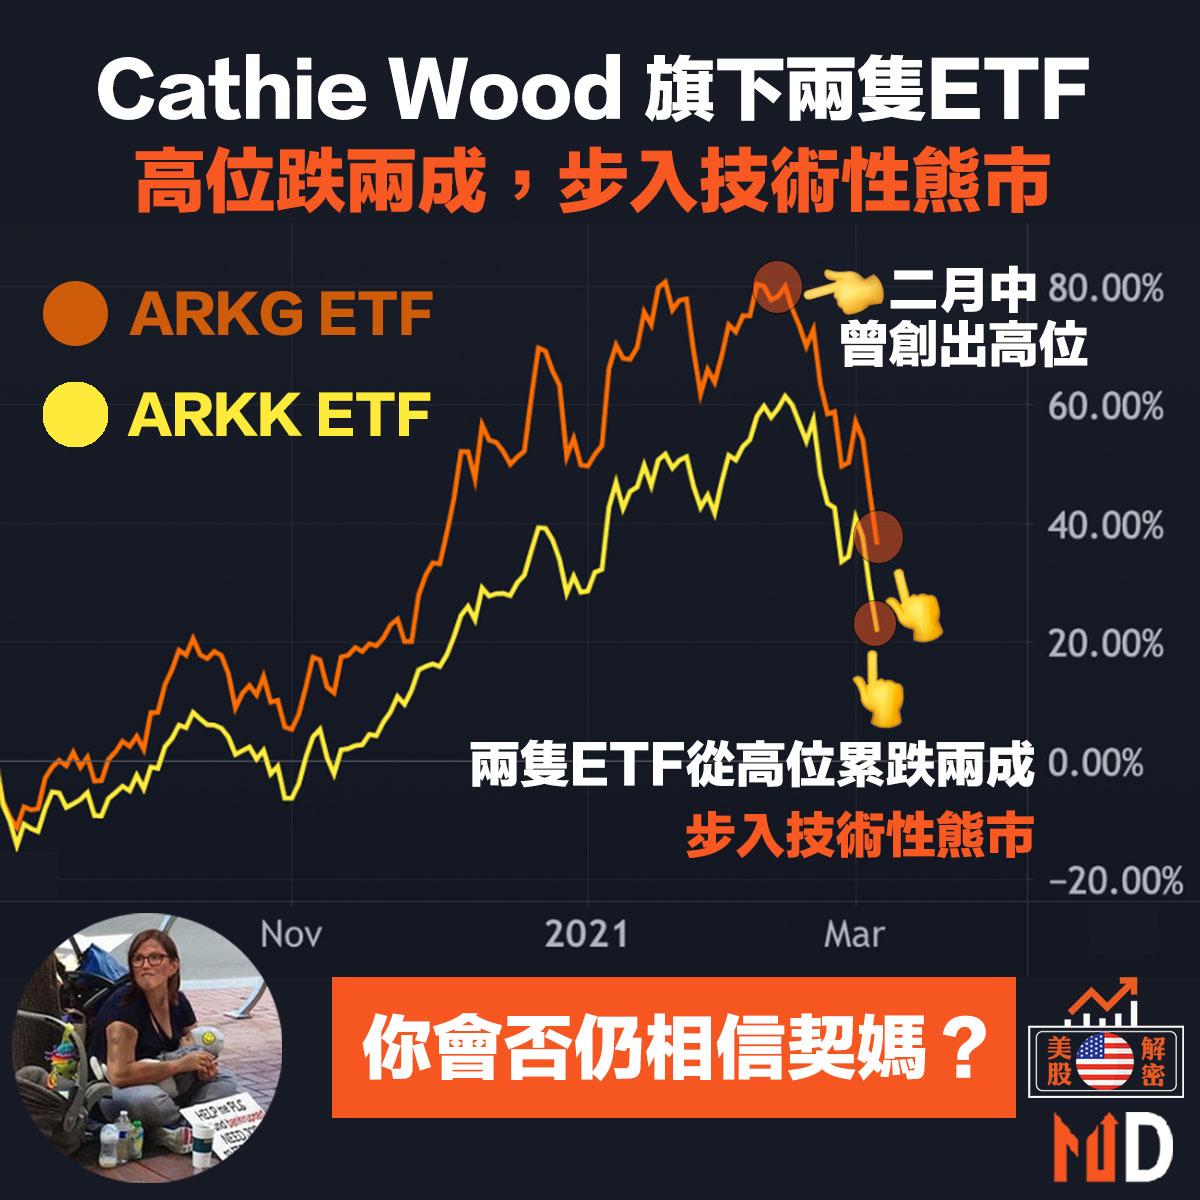 Cathie Wood 聲名會否受損?